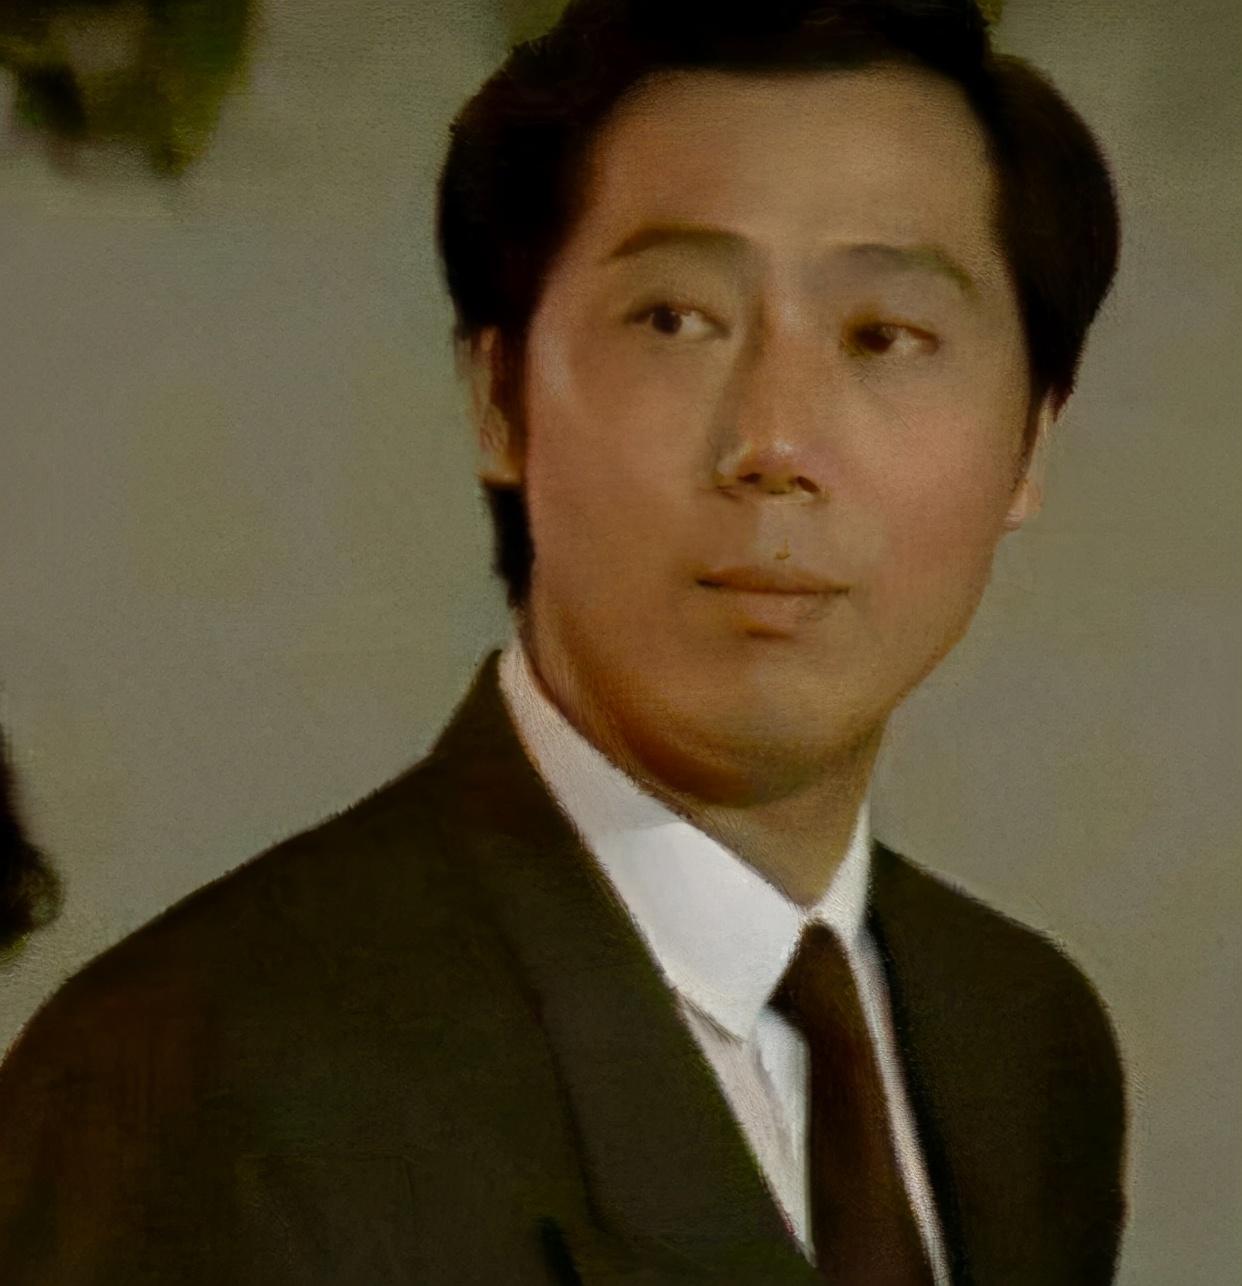 原来李成儒不是光头,后脑勺上还有个小爱心!中年人的小细节